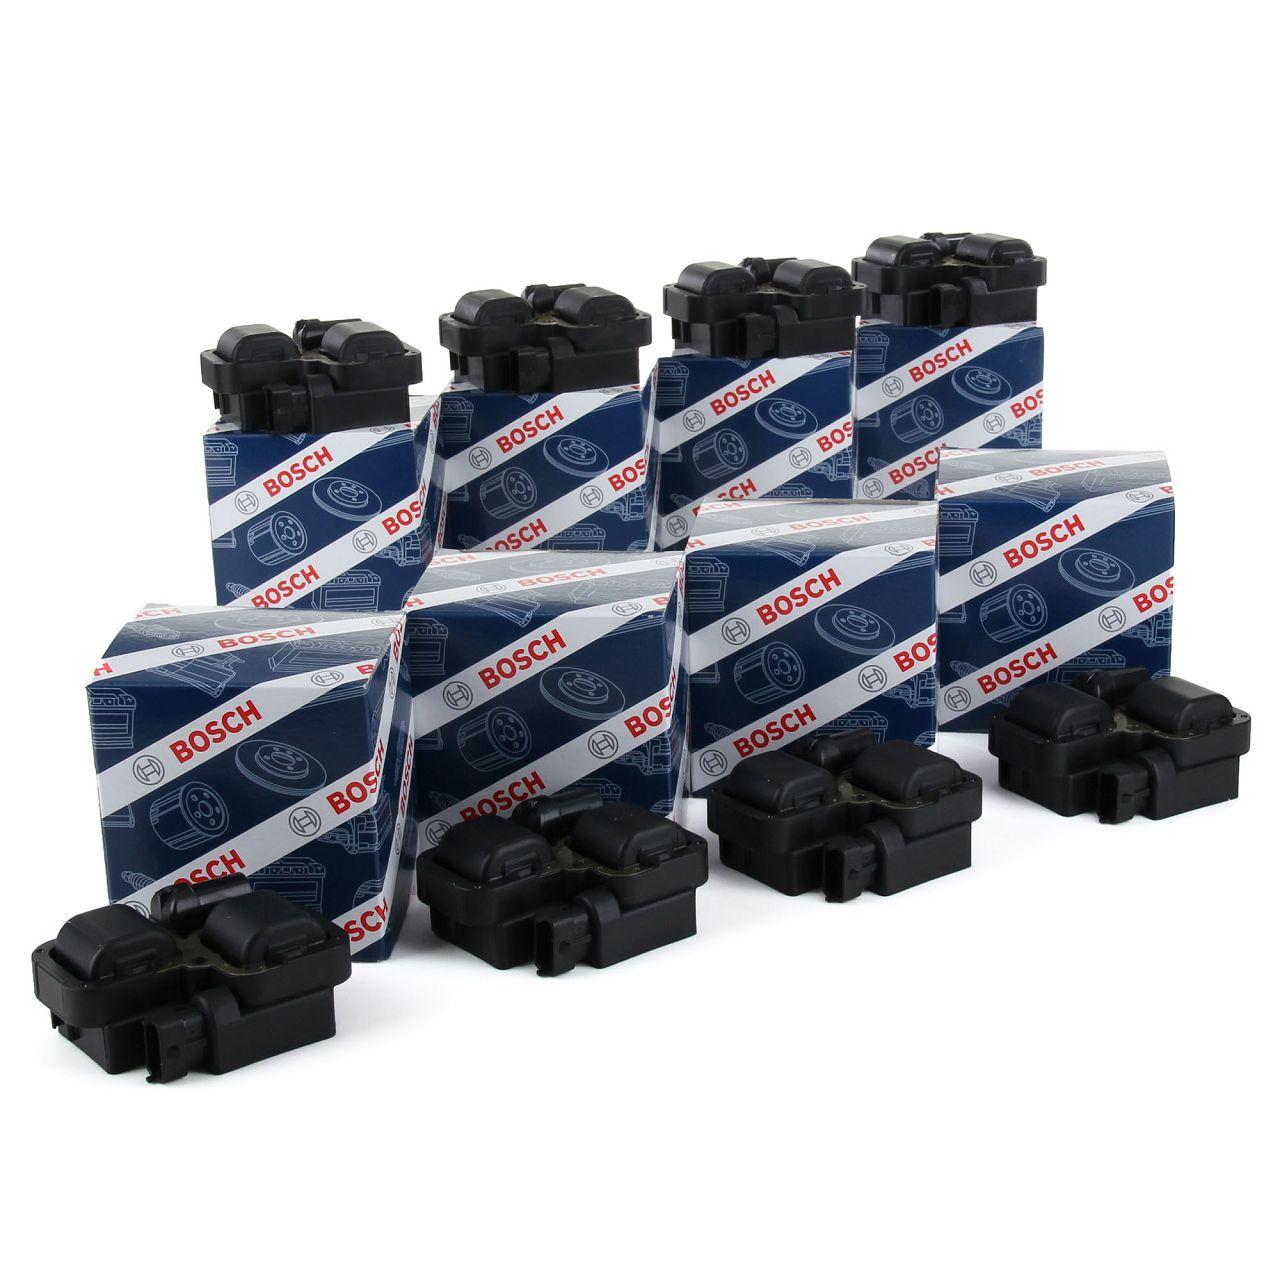 8x BOSCH 0221503035 Zündspule für MERCEDES 4+6+8 Zylinder Modelle 0001587803